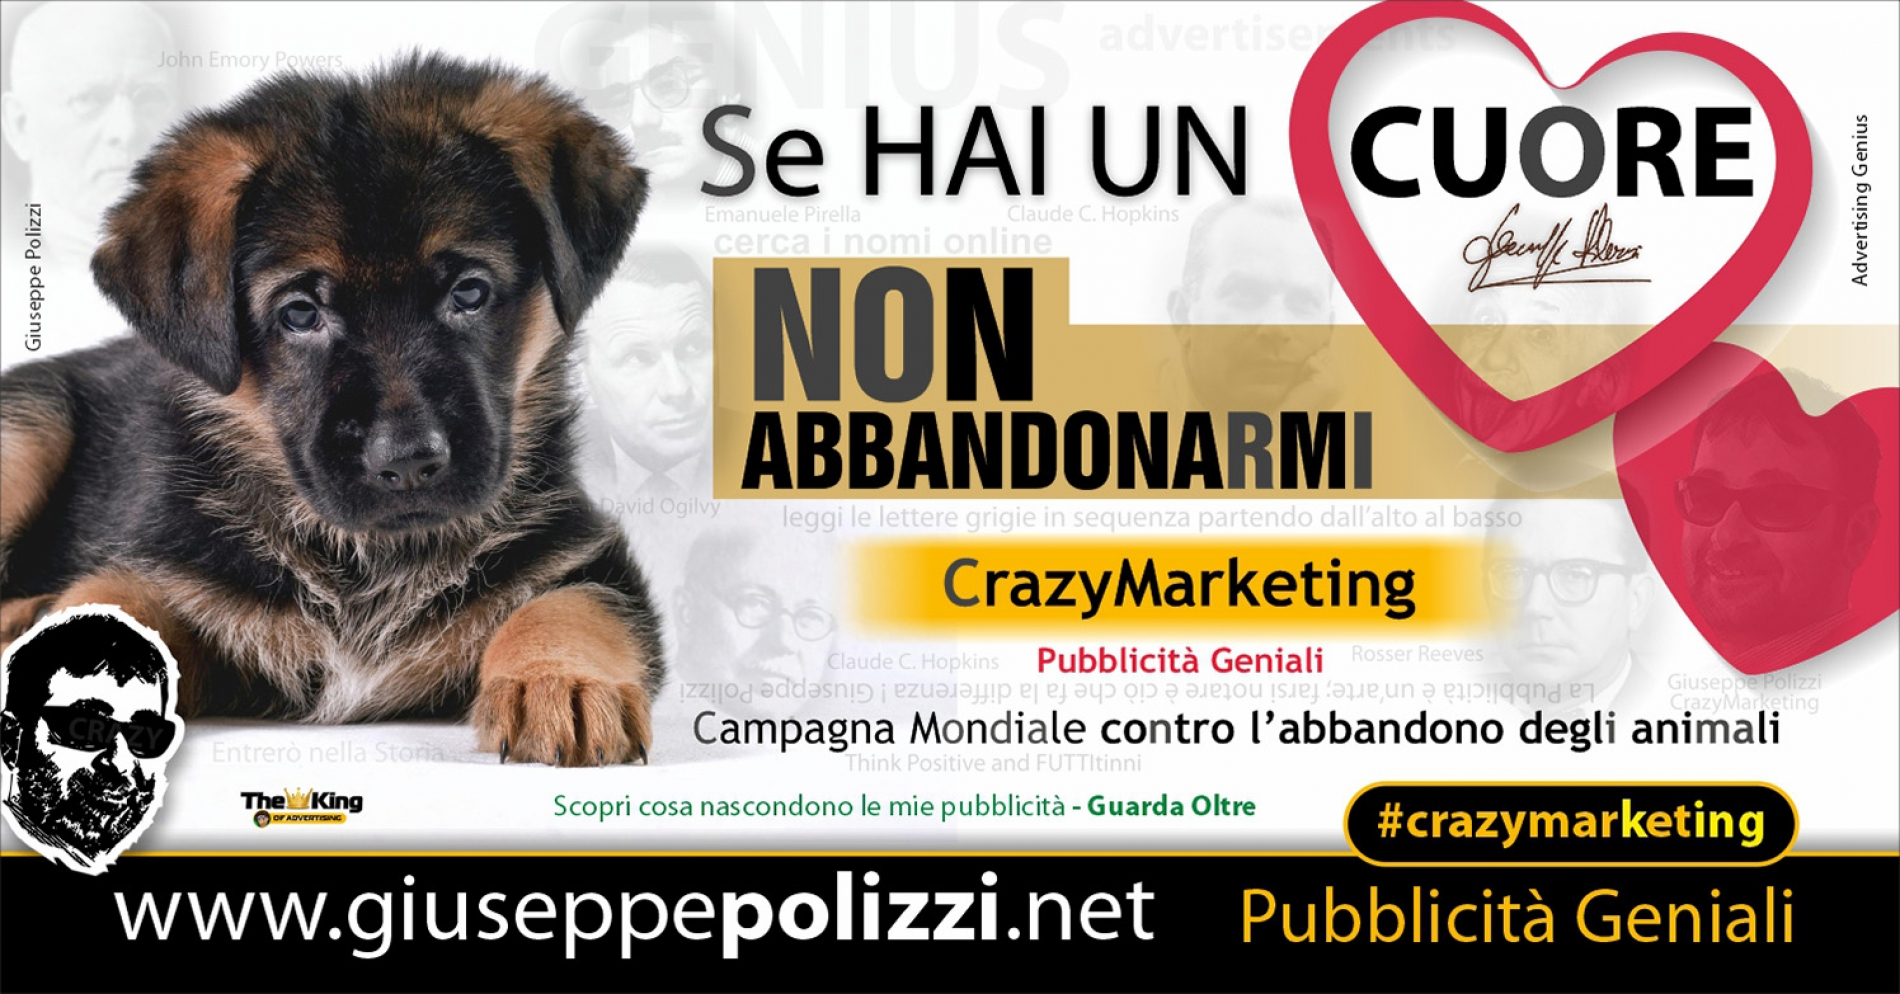 Giuseppe Polizzi Crazymarketing Se hai un CUORE pubblicità geniali